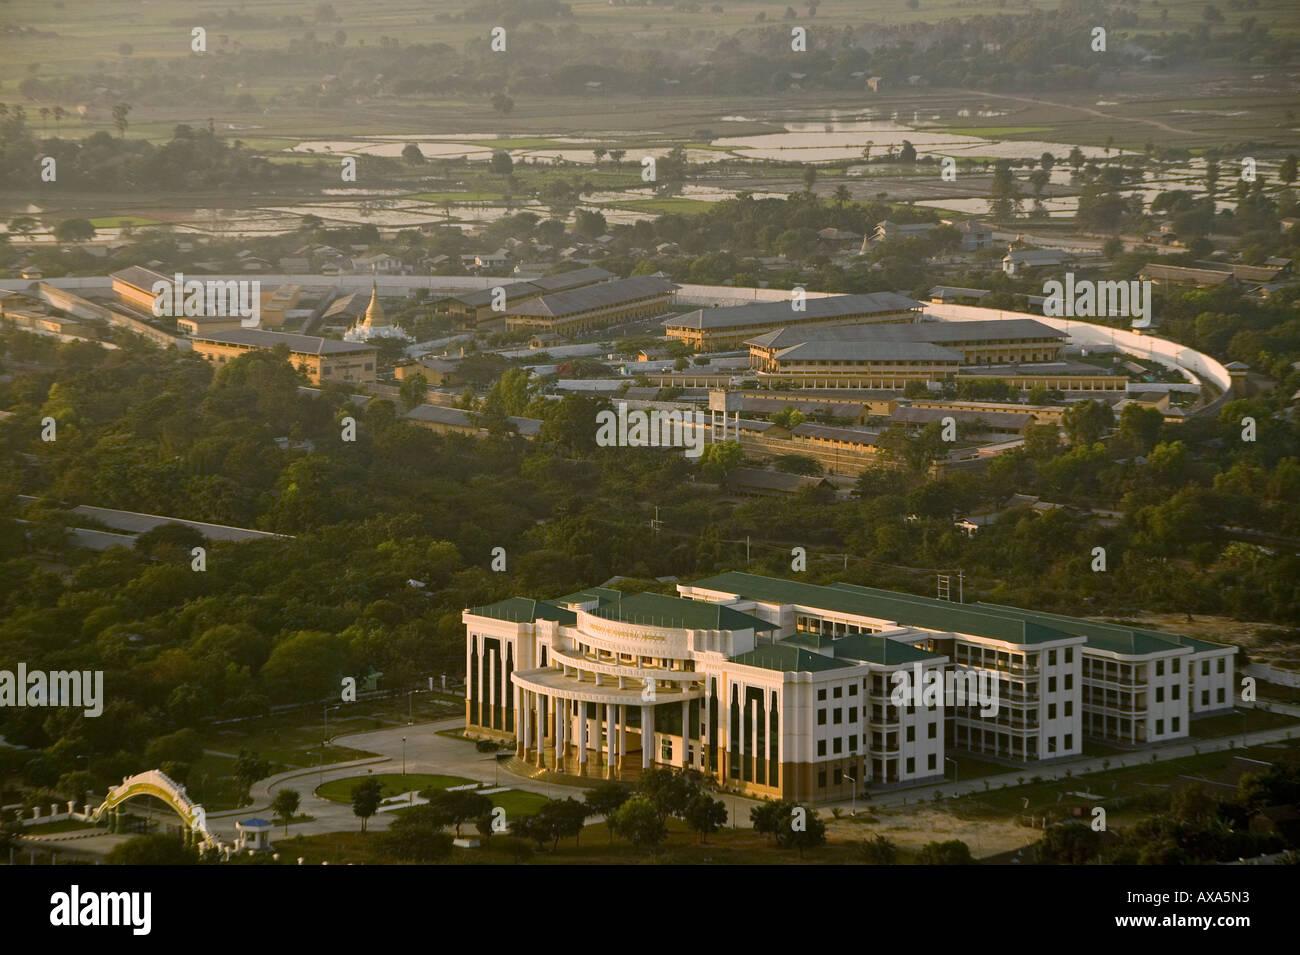 View of prison, from Mandalay Hill, Gefaengniss von Mandalay im Hintergrund, Aussicht von Mandalay Hill Stock Photo